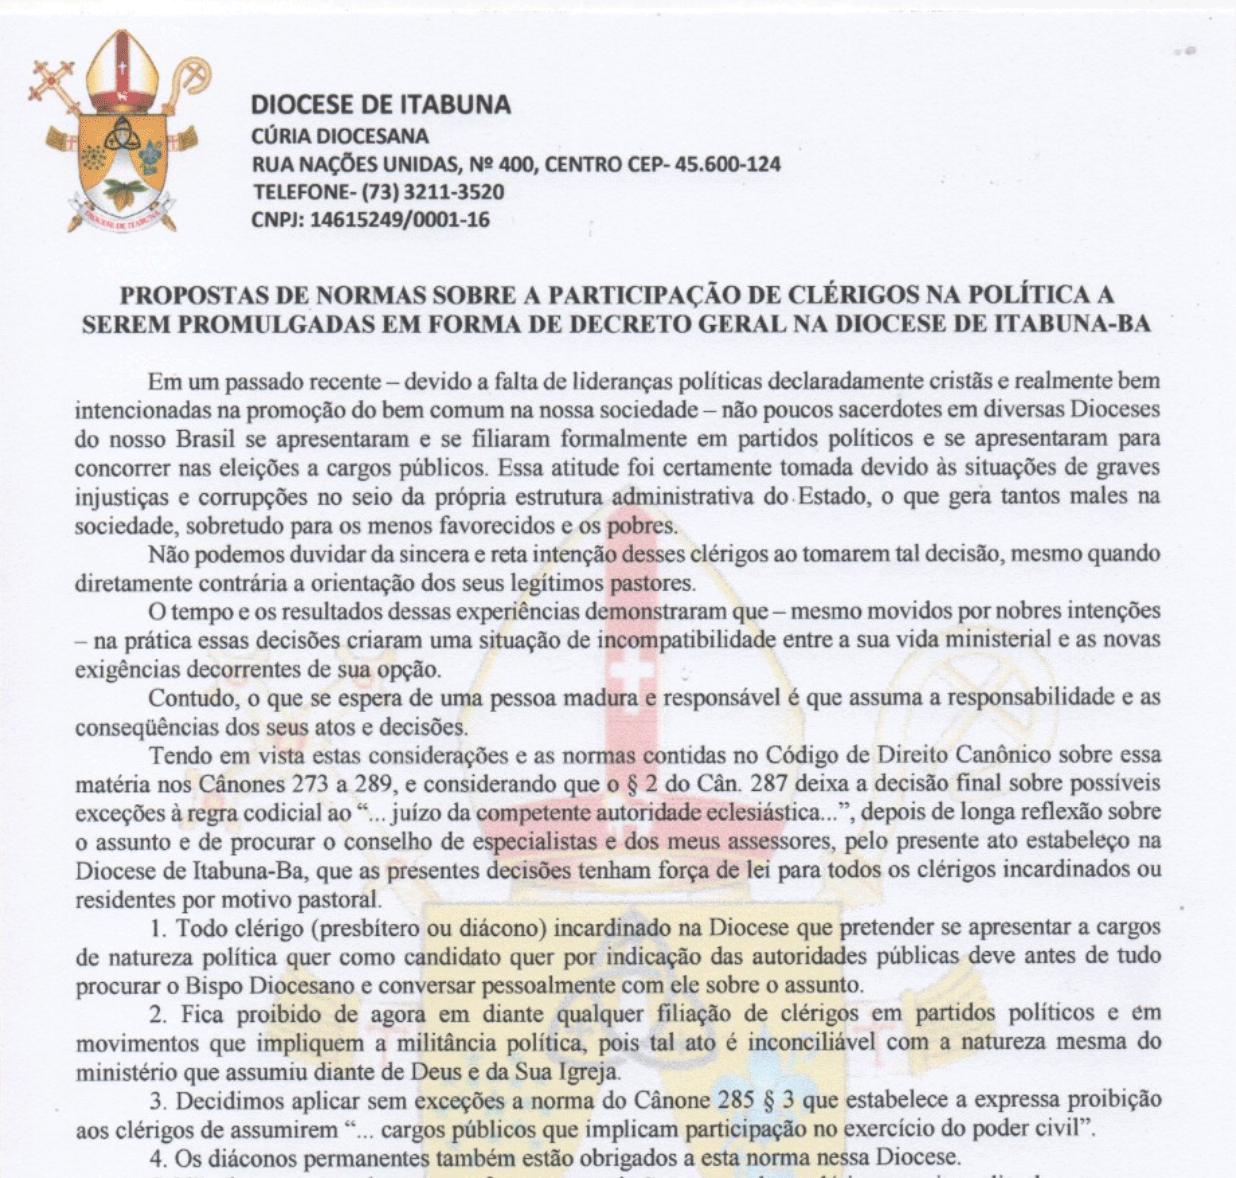 Decreto geral na Diocese de Itabuna sobre a participação de clérigos na política